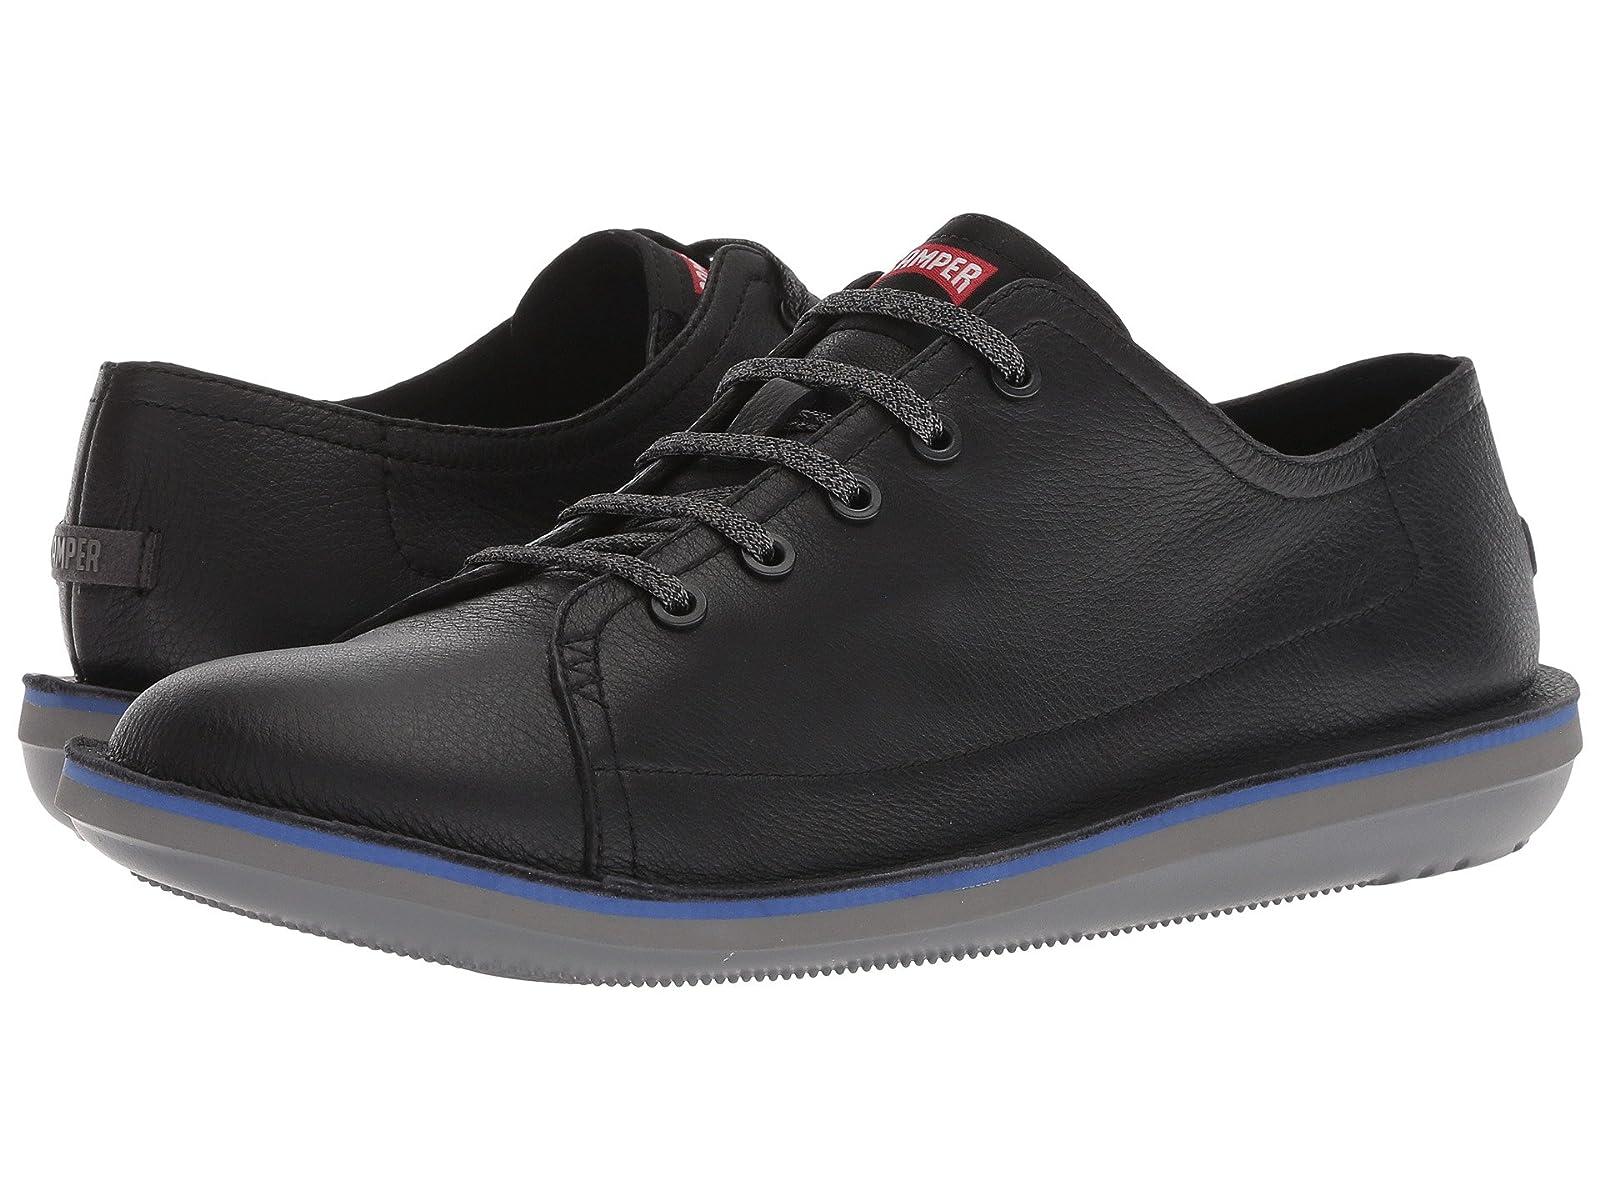 Camper Beetle - K100307Atmospheric grades have affordable shoes